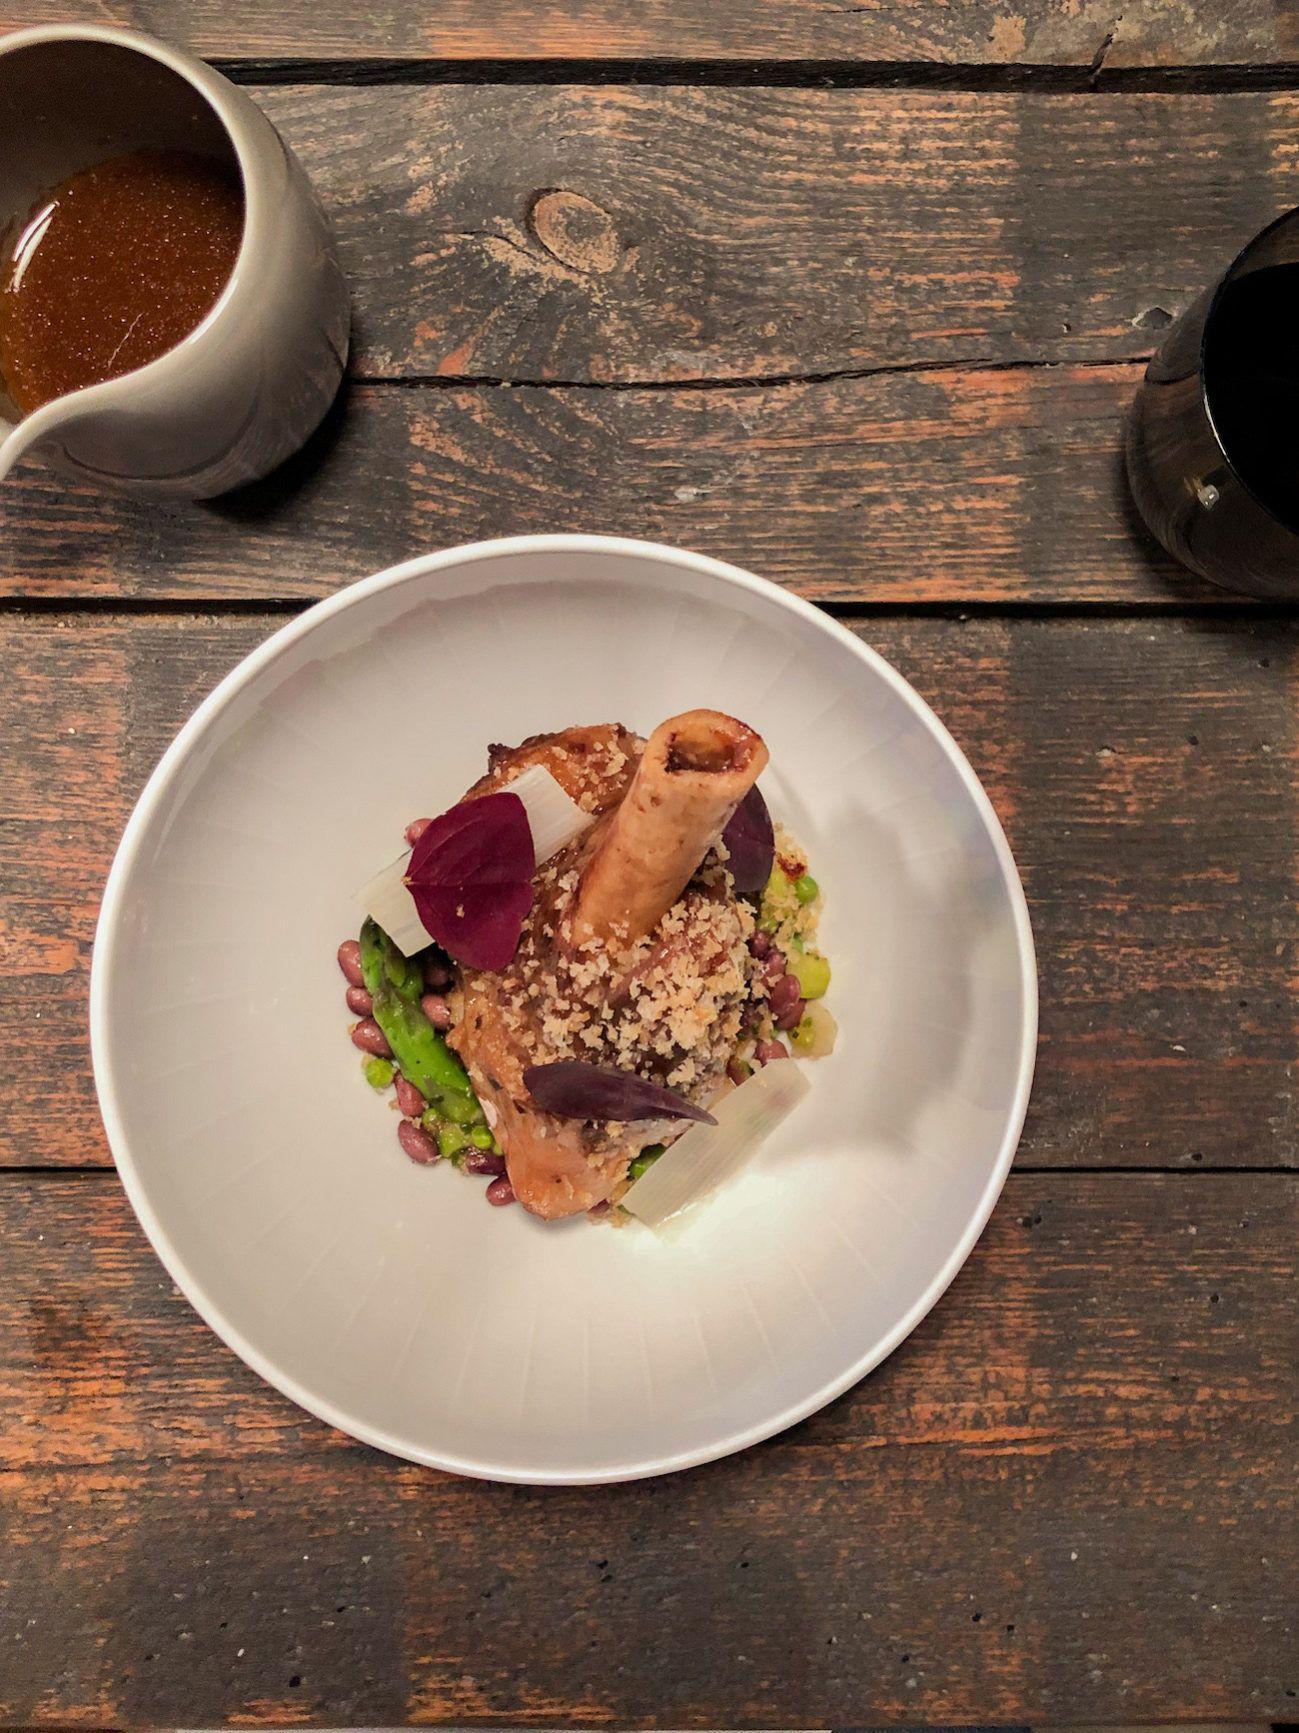 Foodblog, About Fuel, Leckerbissen, Tisk, Restaurtant, Hauptspeise, Lammkeule